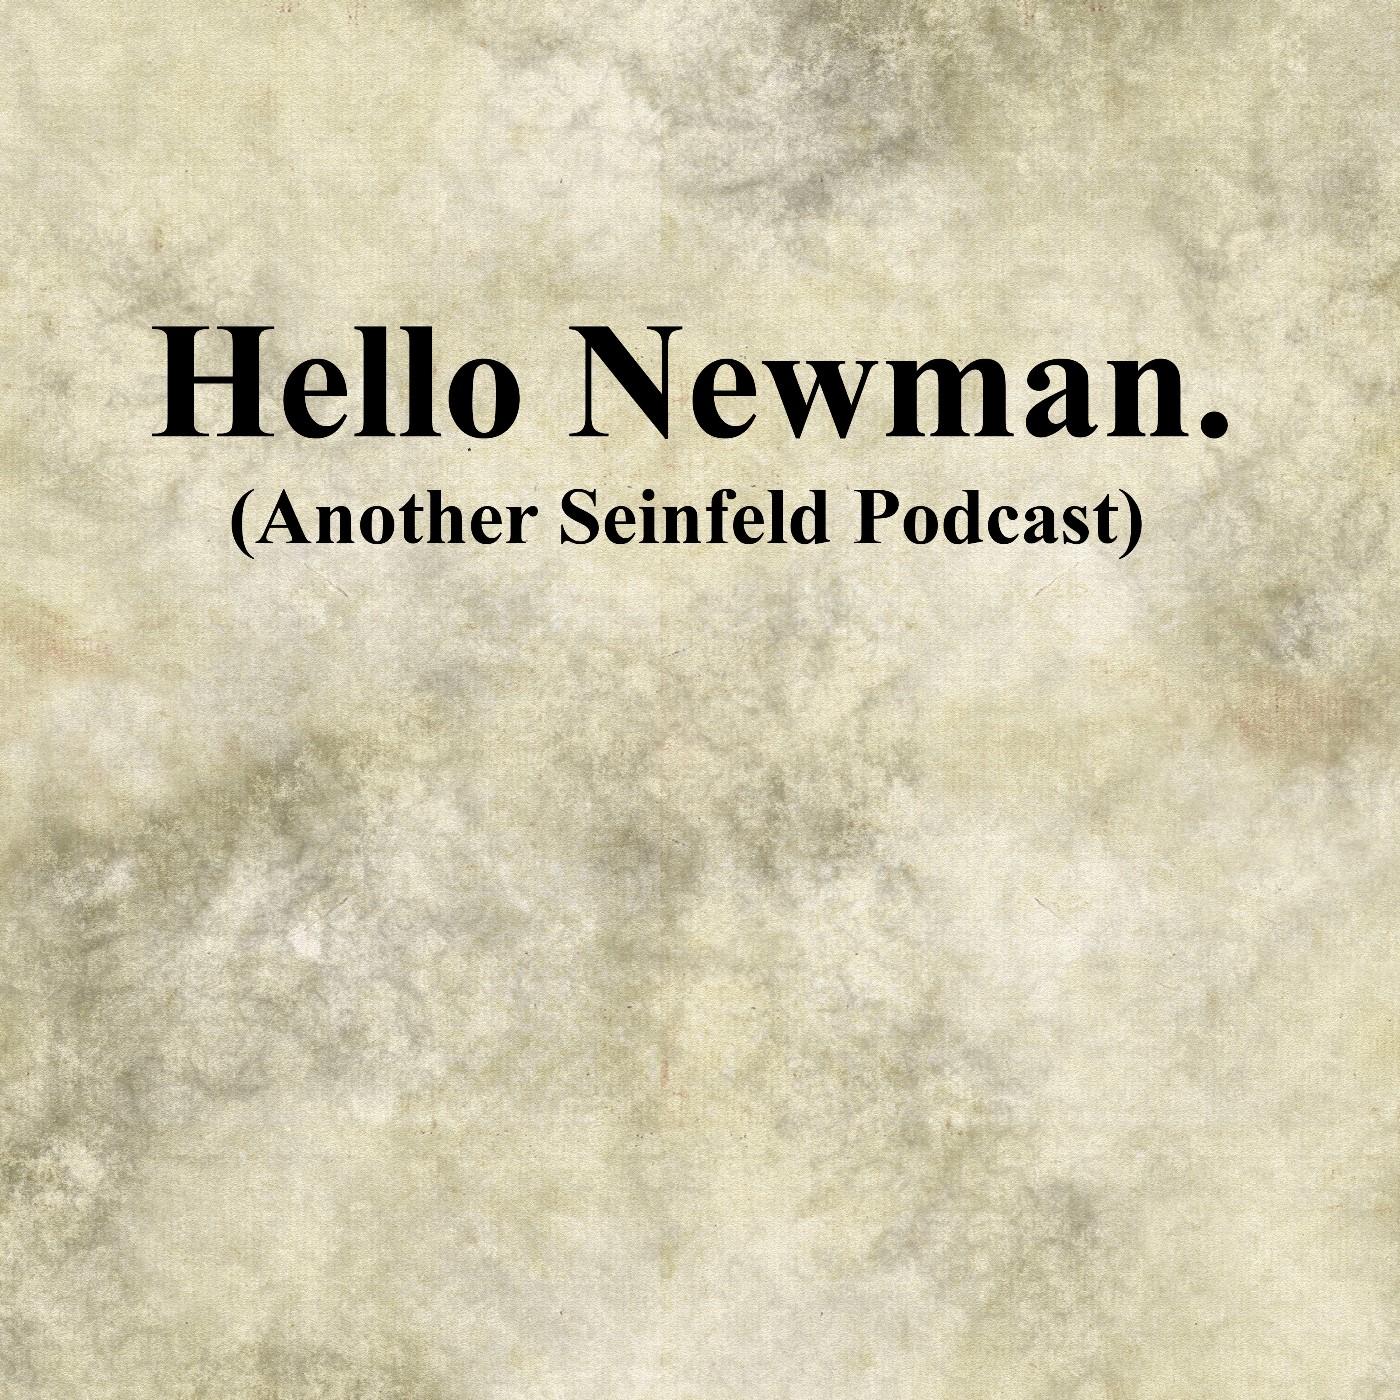 Hello Newman.